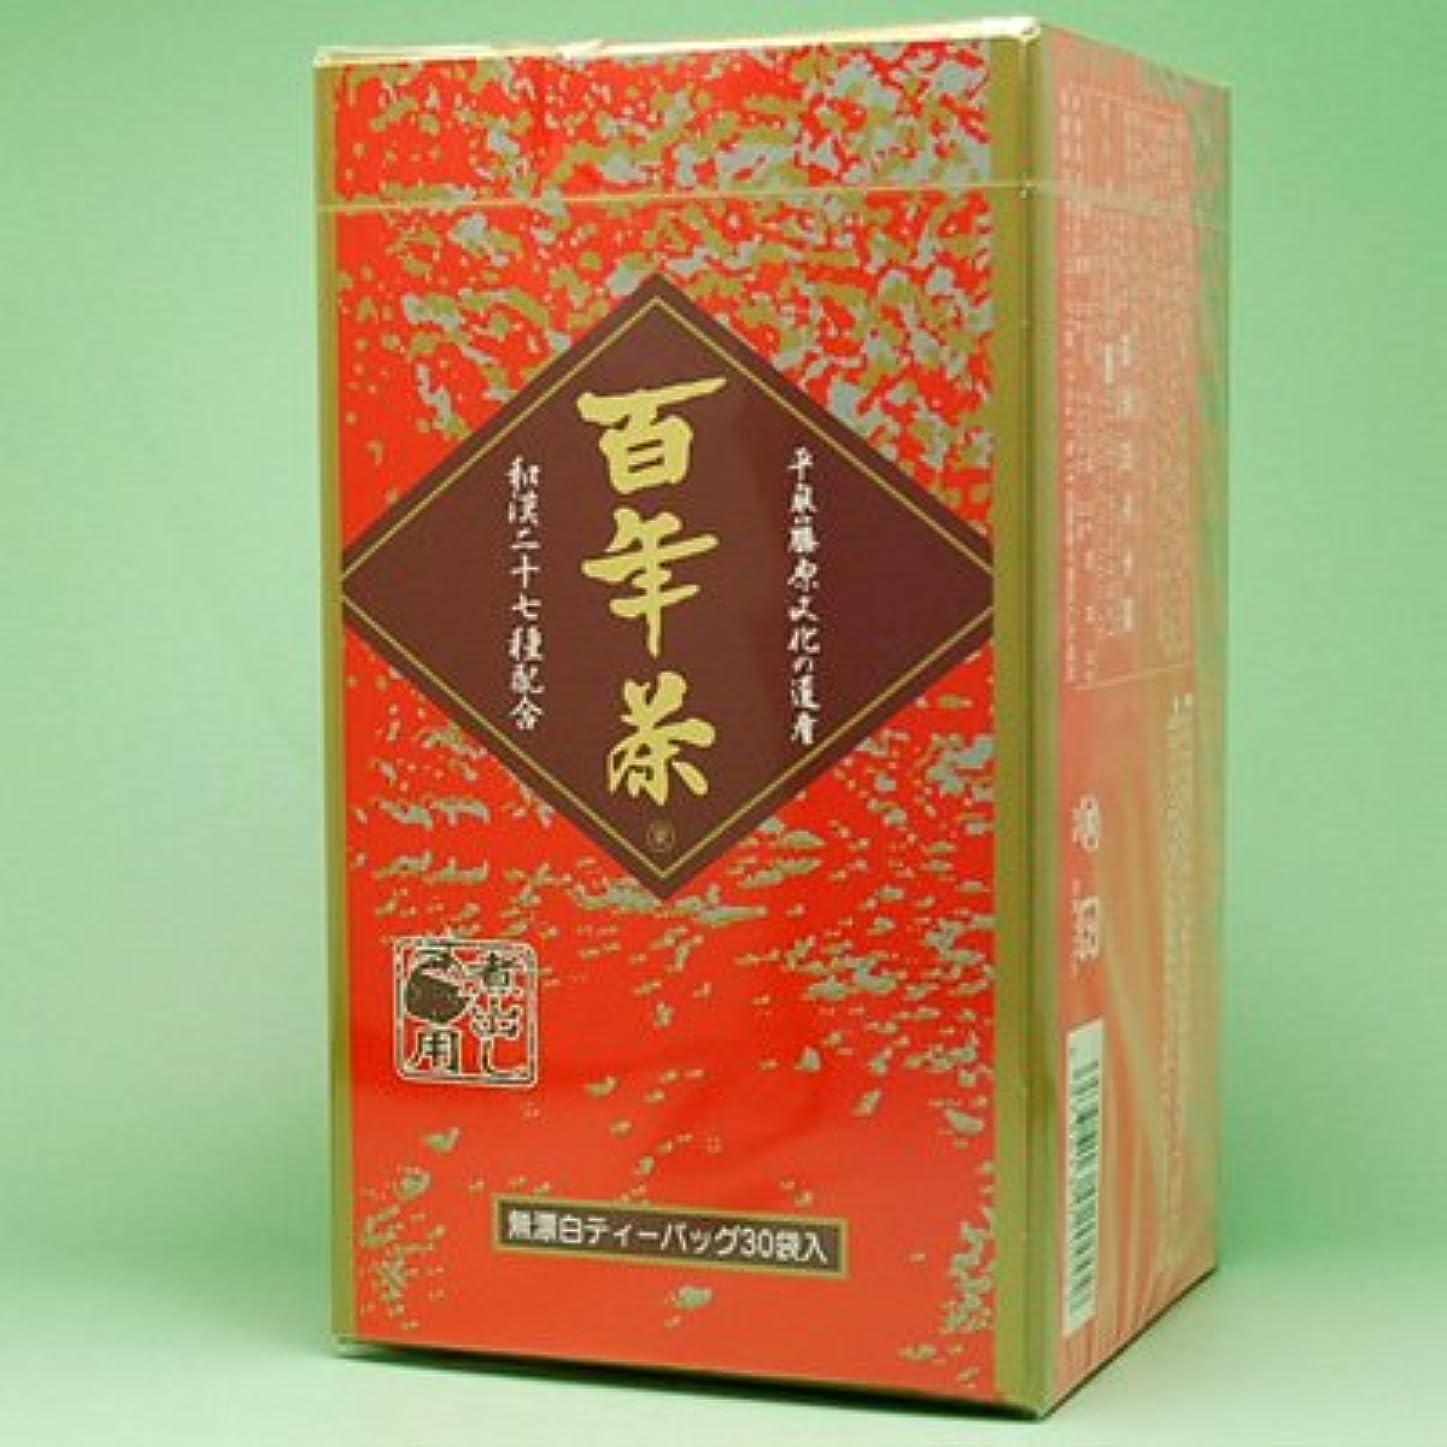 ママ引っ張るストロー精茶百年 蕃柘榴配合 30袋 (#122200) ×6個セット